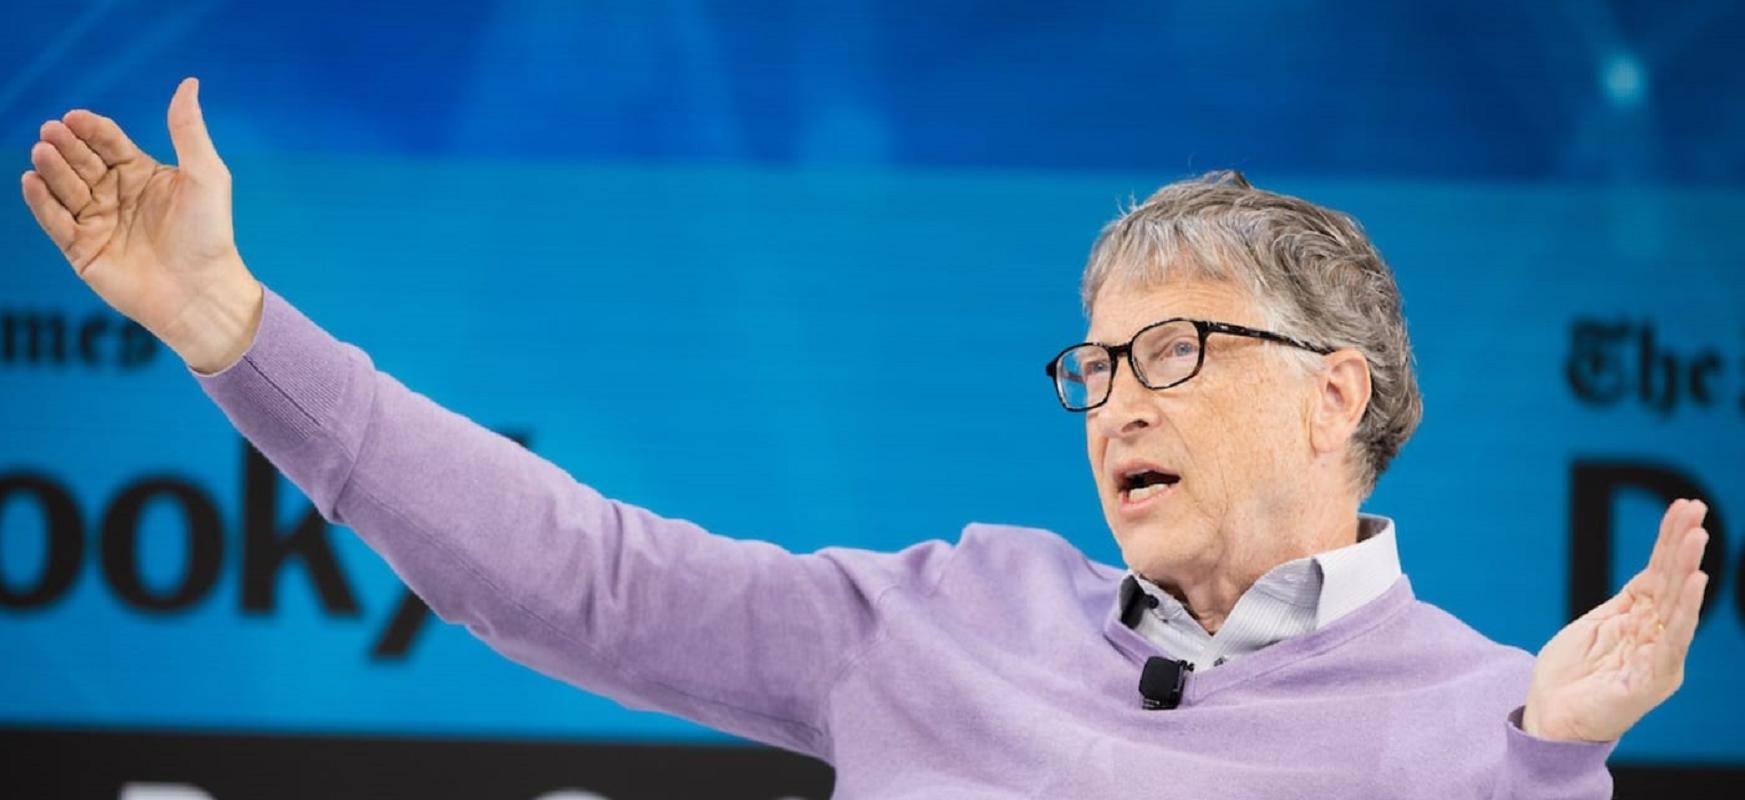 Bill Gates-ek pandemia bati buruzko galdera batzuei erantzun nahi die.  Millonarioak SCAN proiektua jarri du abian